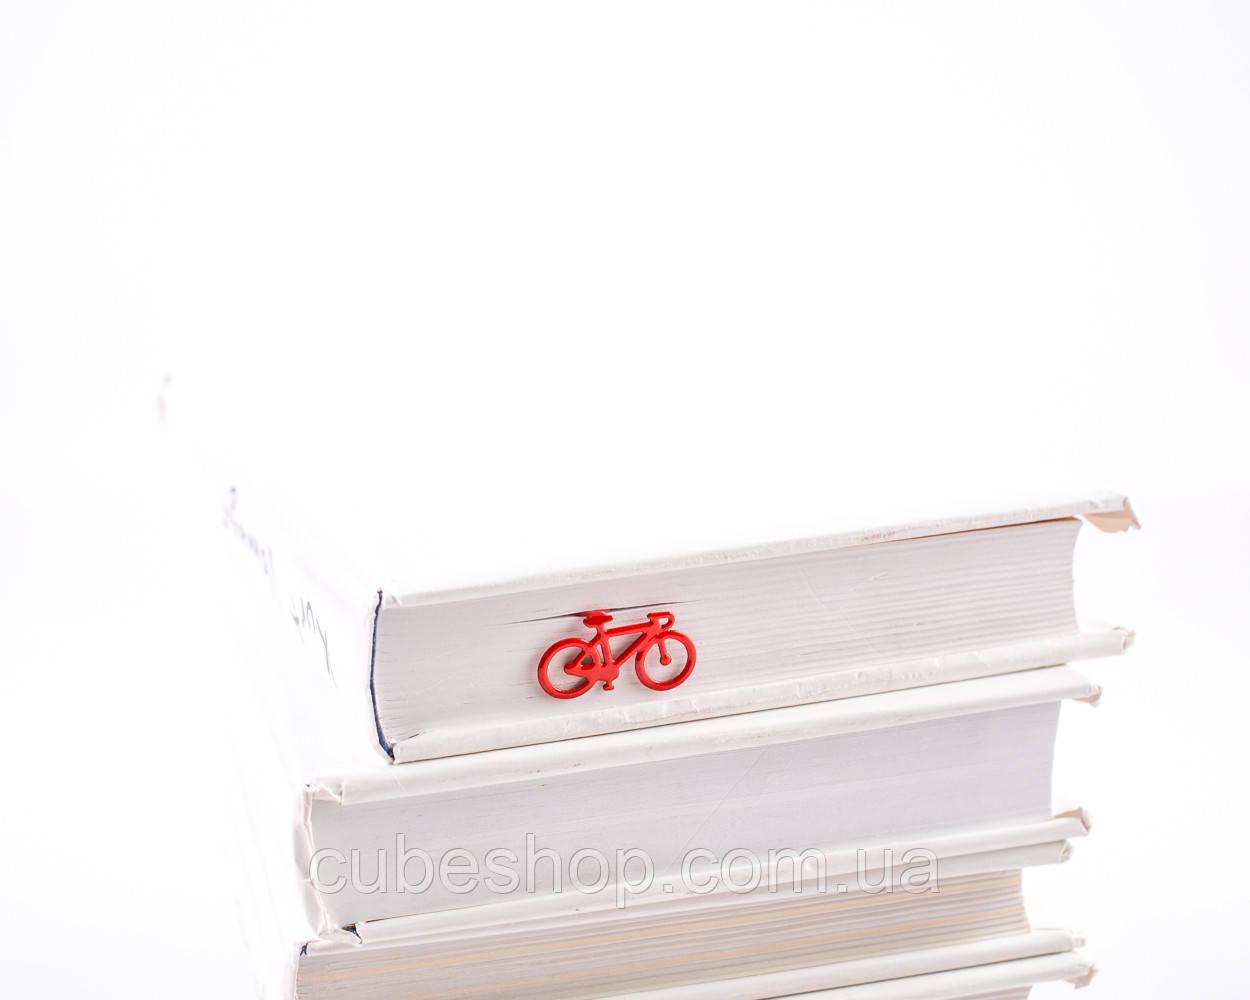 Закладка для книг Велосипед (красный)